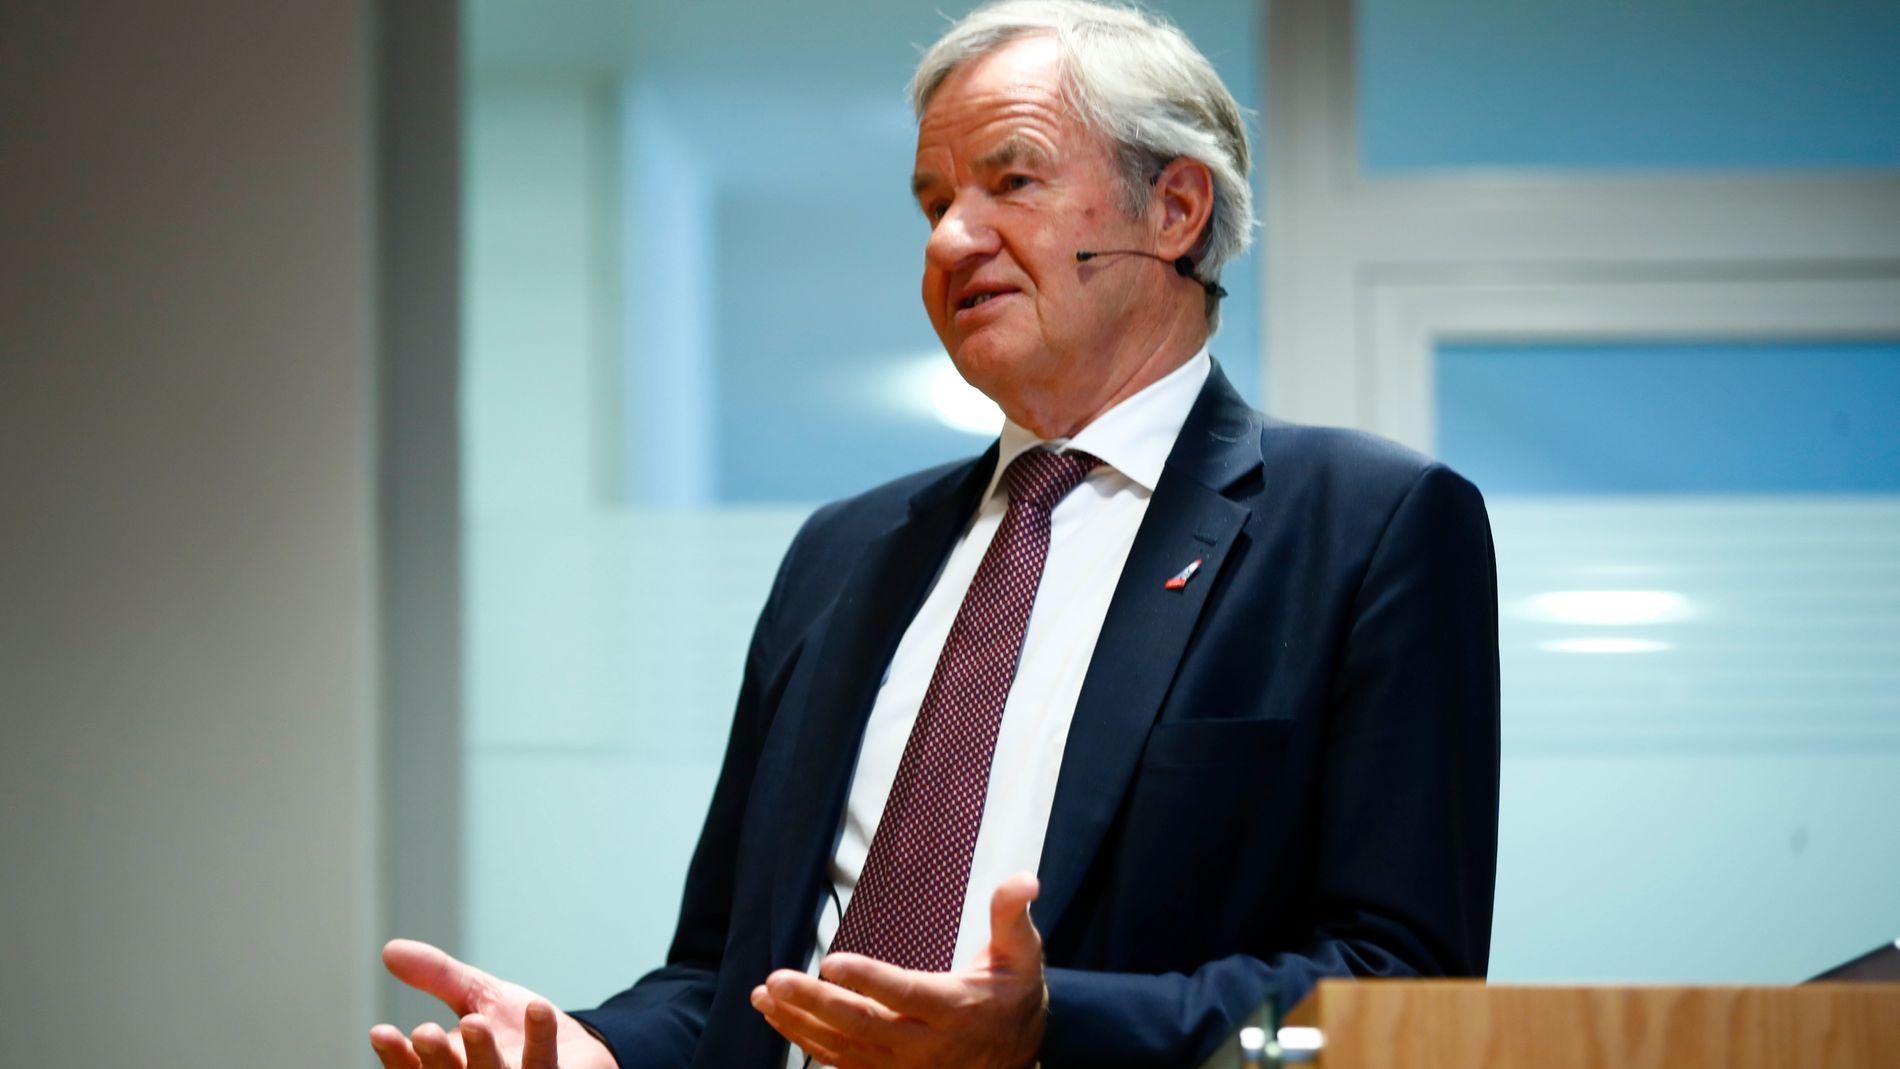 FÅR TOMMELEN OPP: Administrerende direktør Bjørn Kjos i Norwegian la torsdag frem selskapets tall for første kvartal.